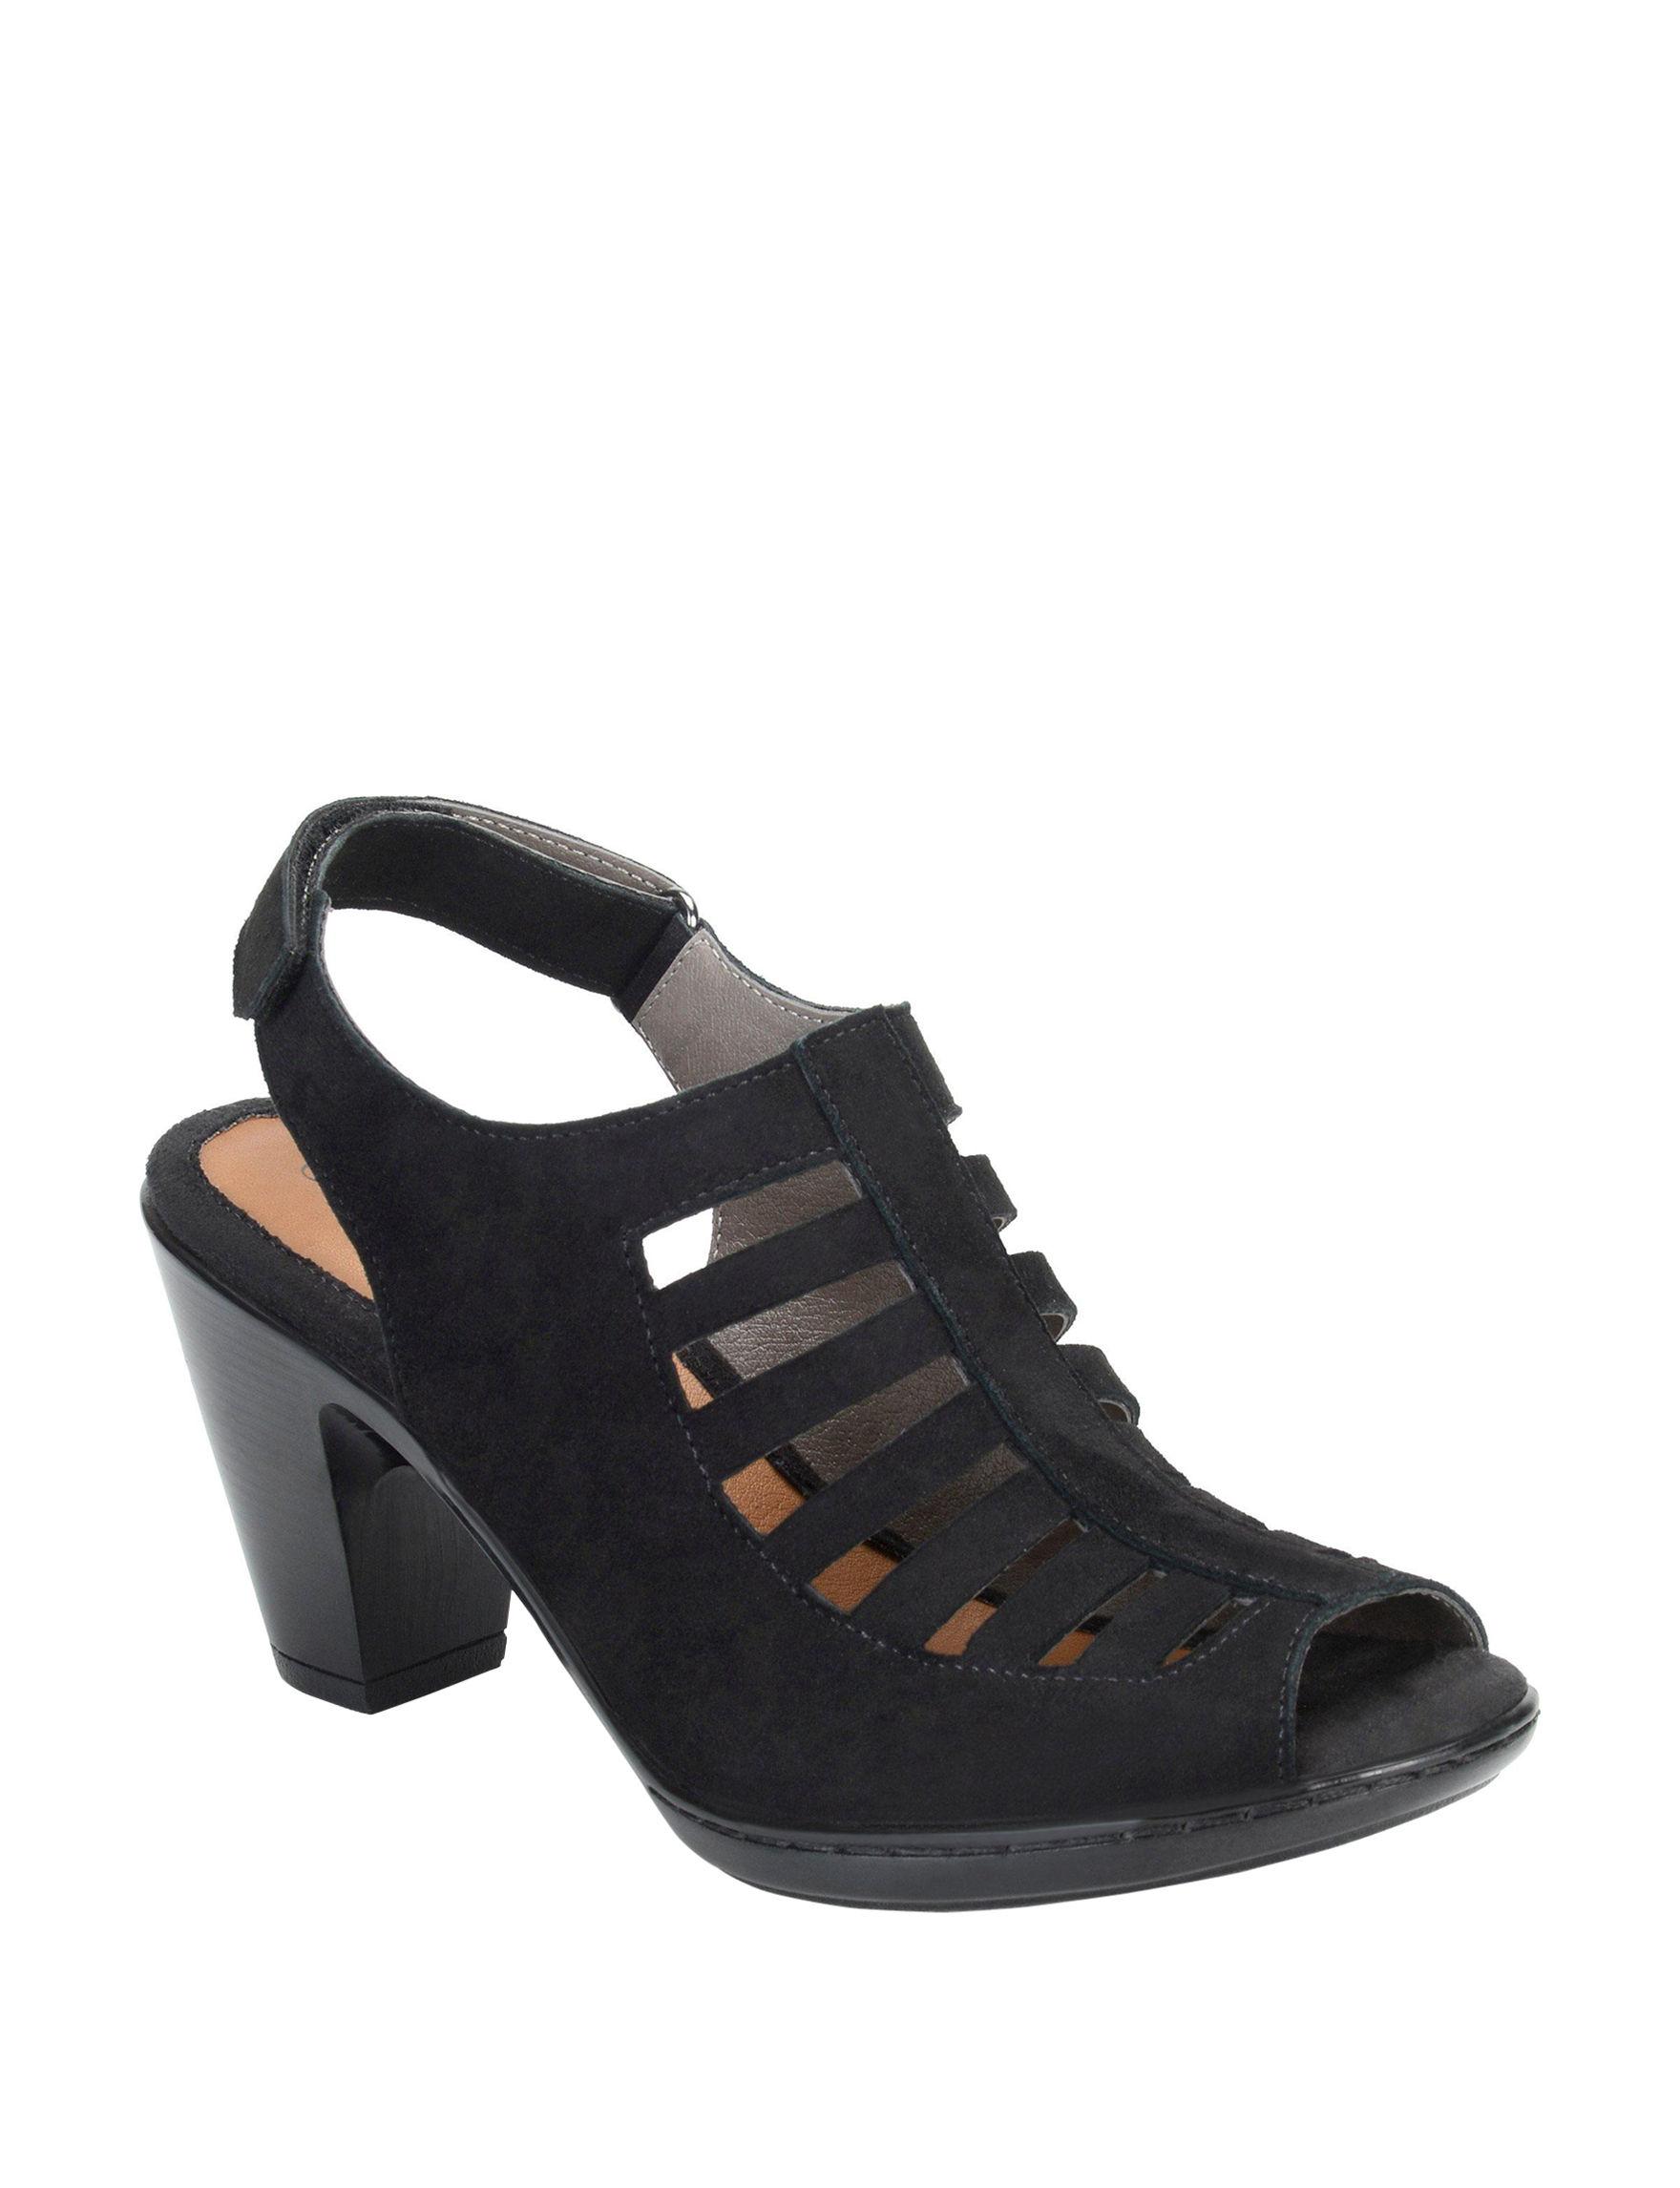 Eurosoft Black Heeled Sandals Peep Toe